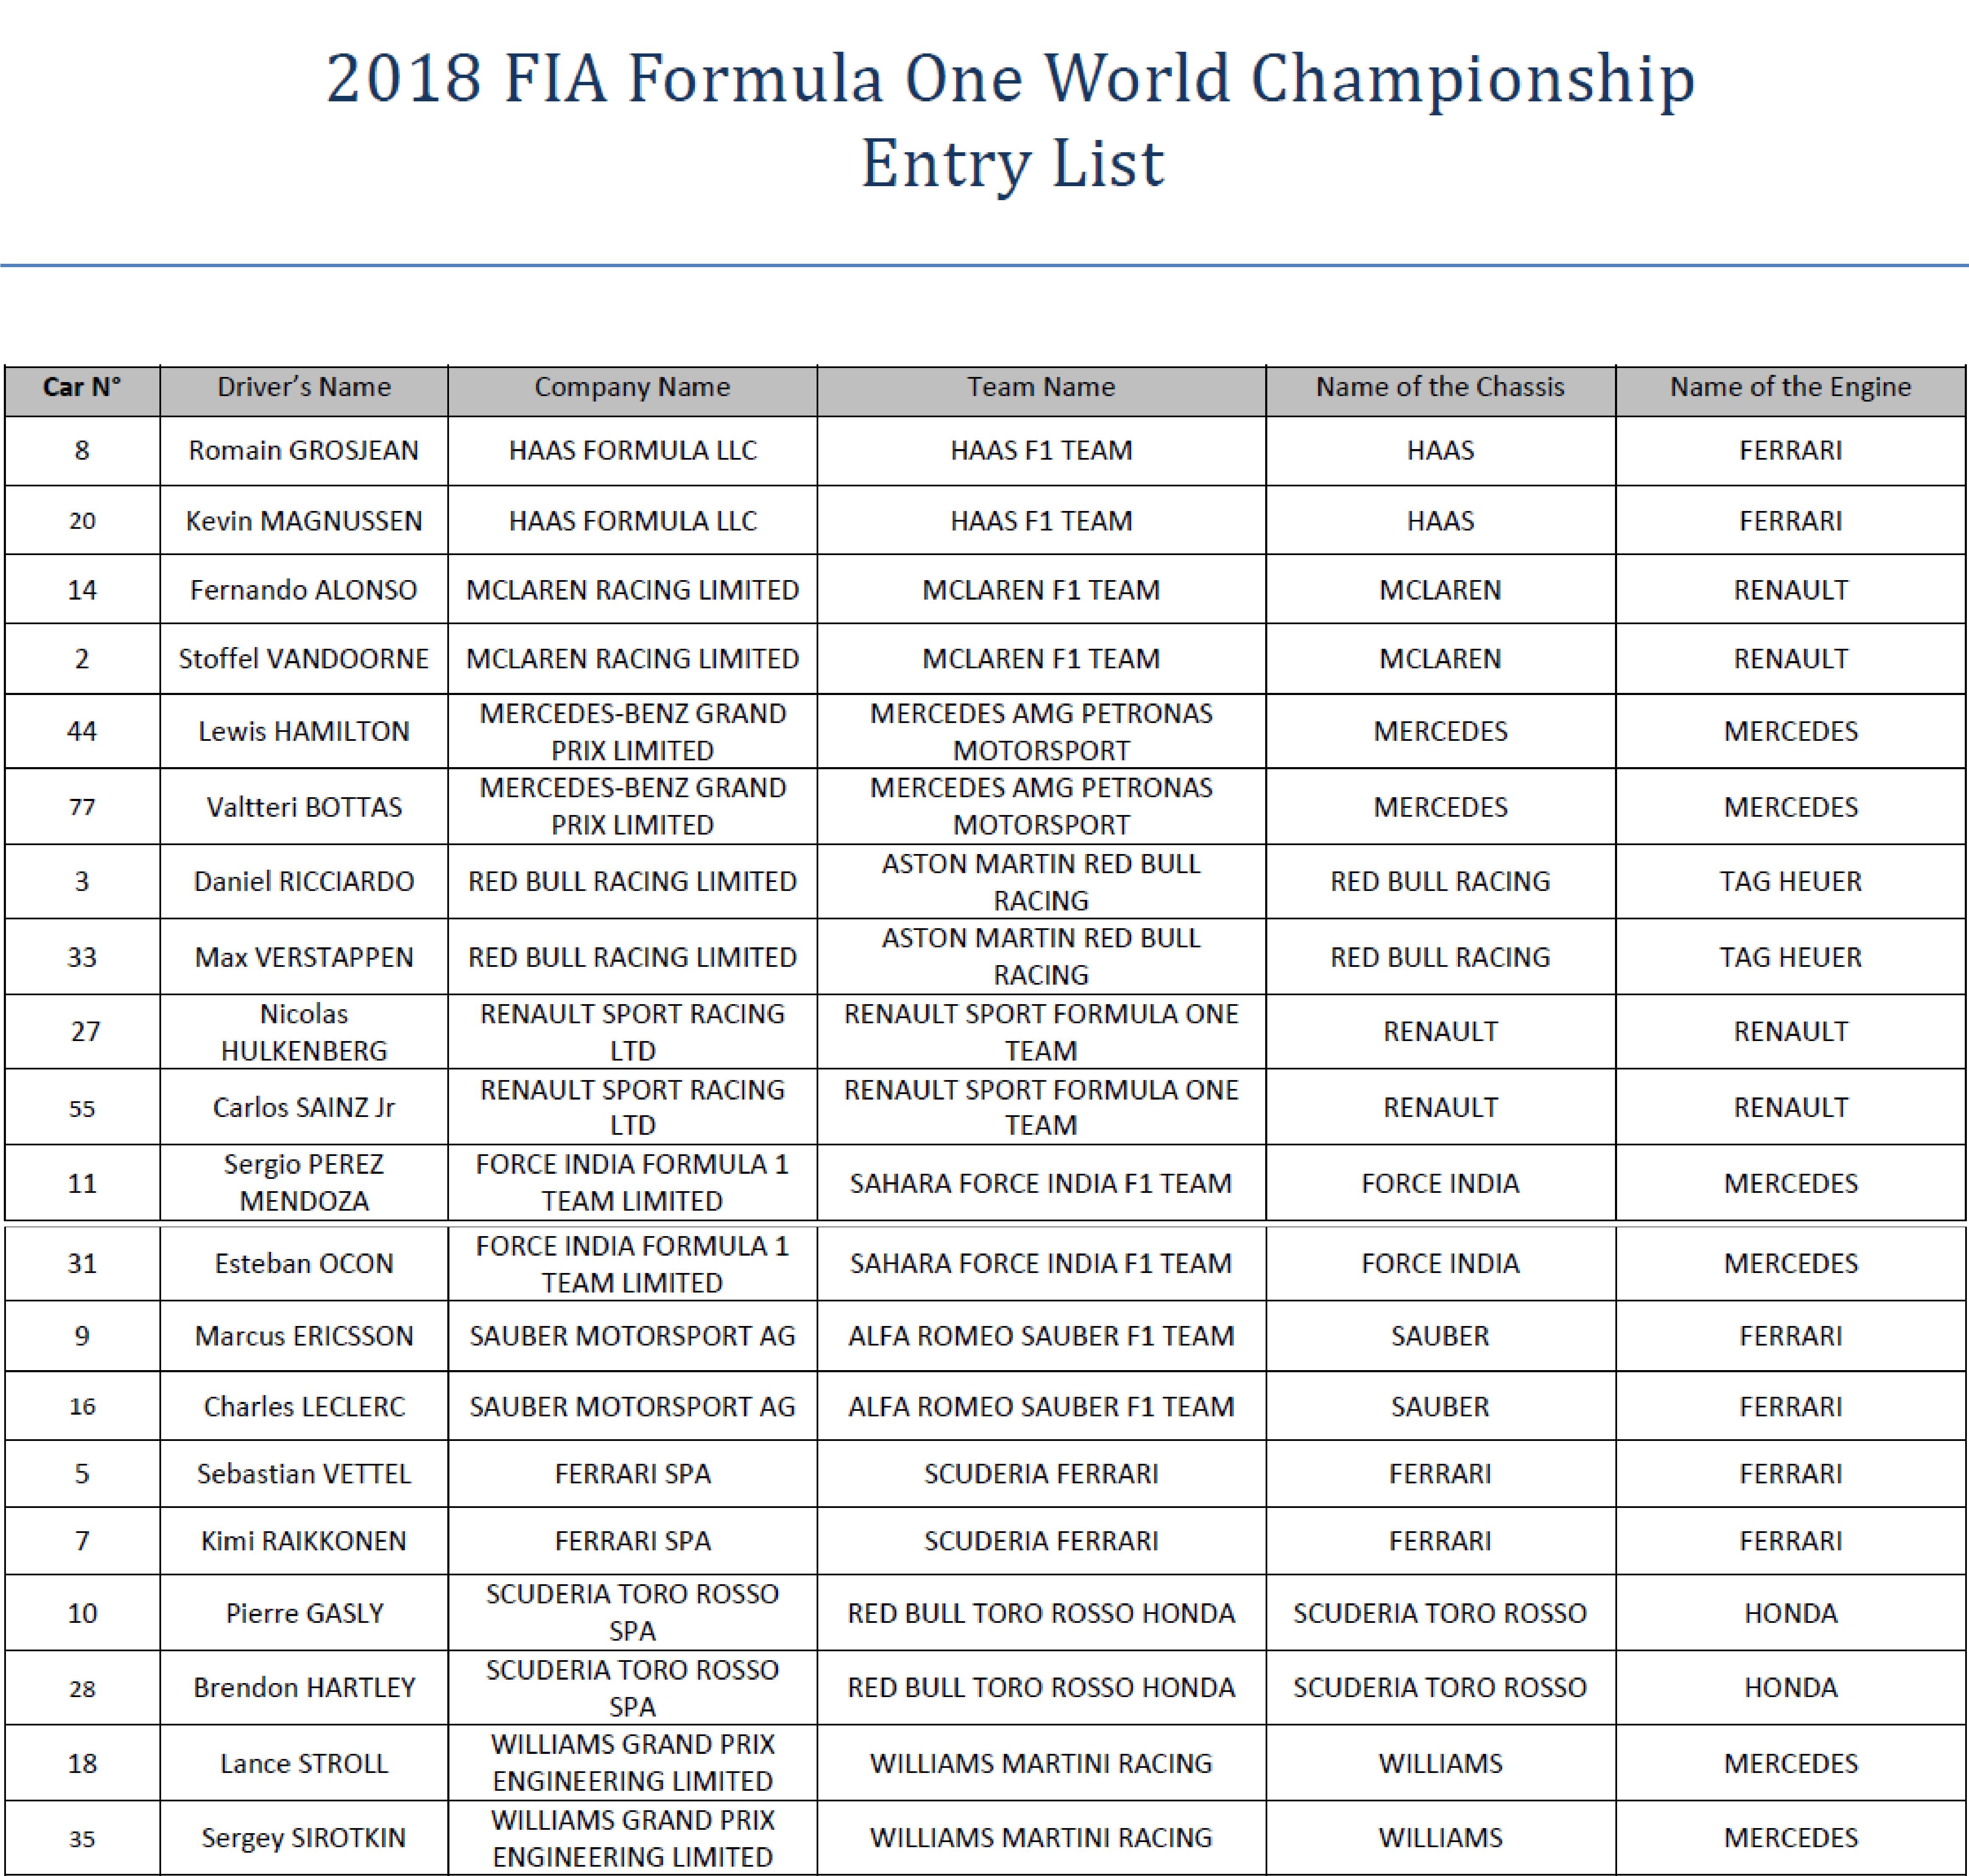 2018 FIA Formula One World Championship Entry List | Federation ...